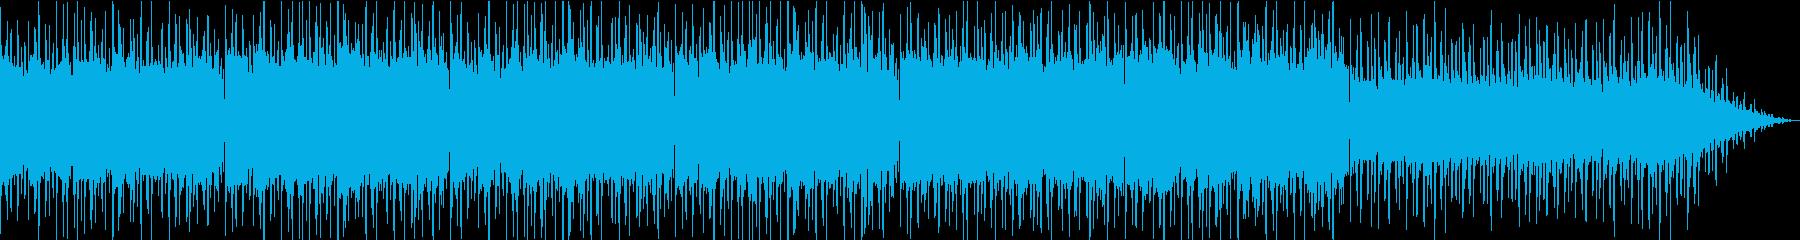 深海のようなイメージのアンビエントの再生済みの波形